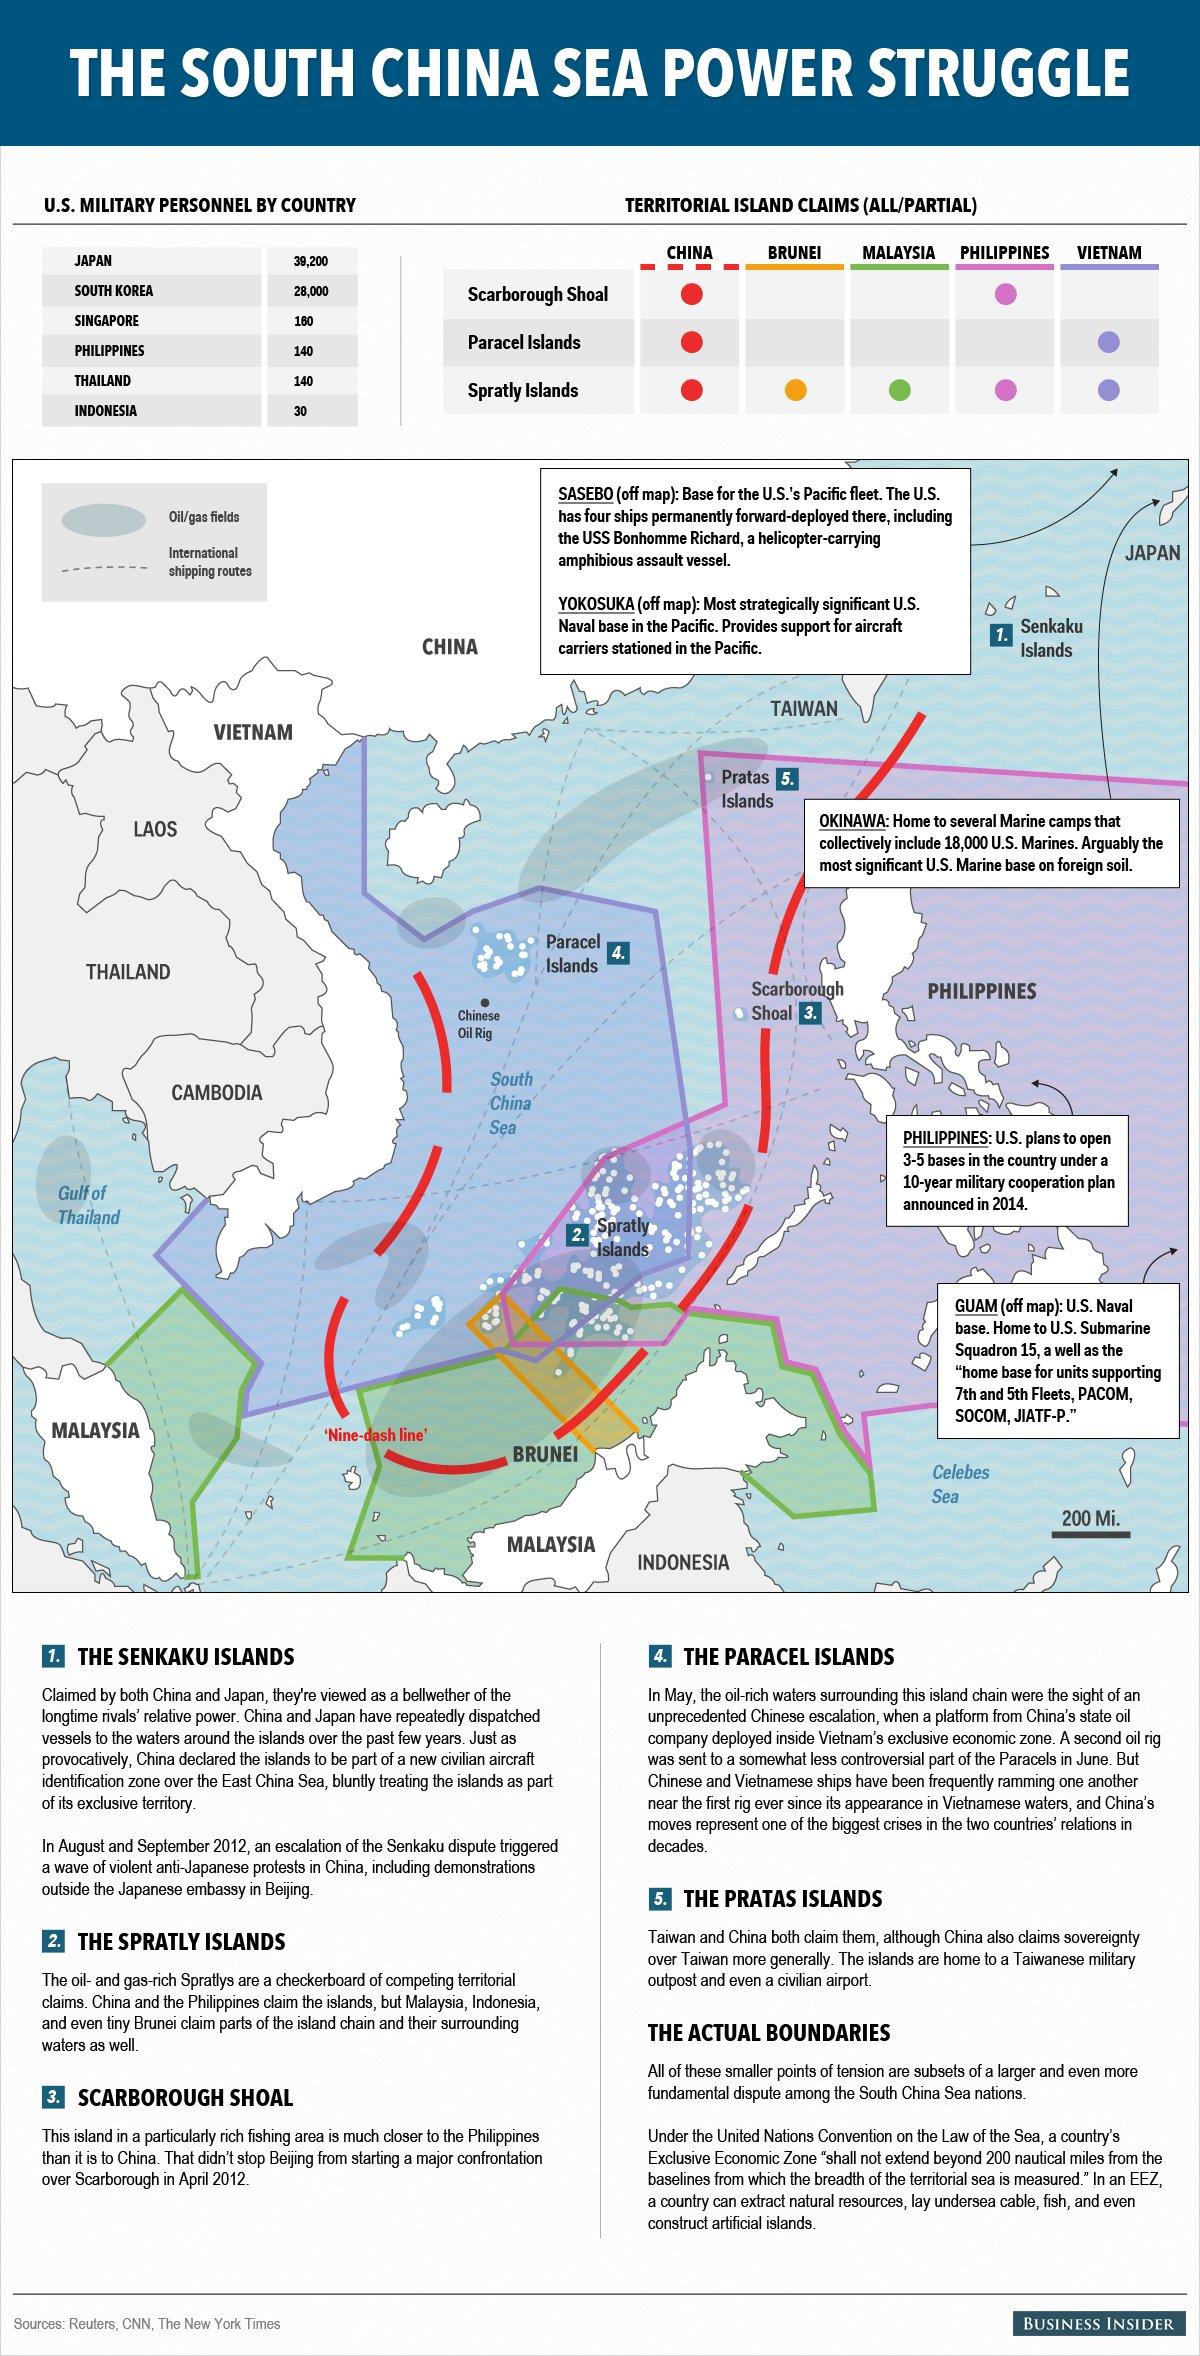 south china sea map_05.png